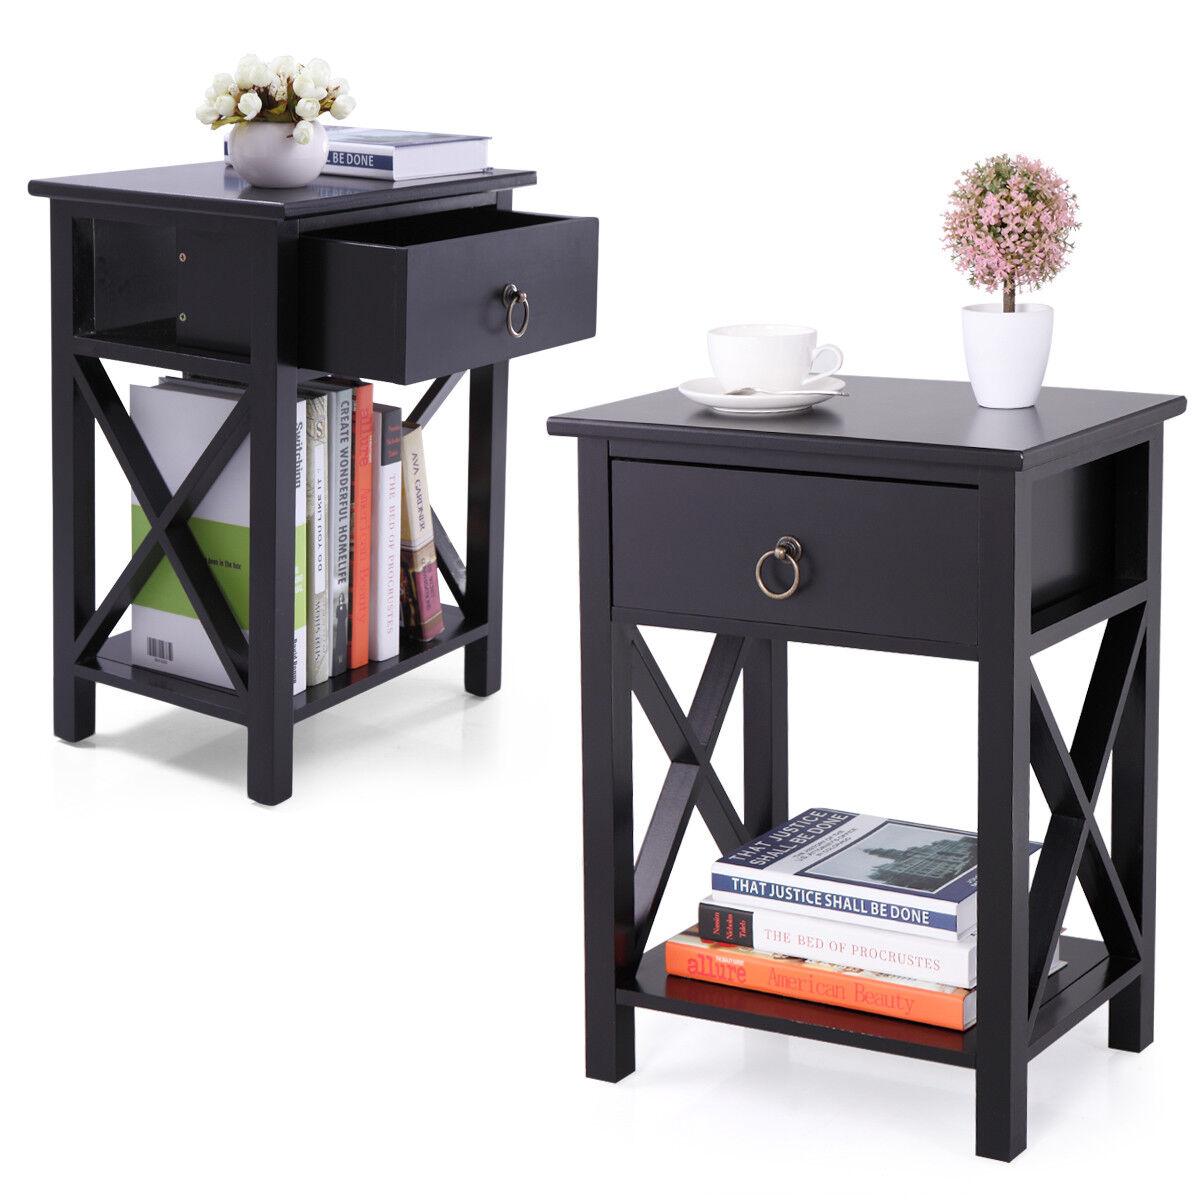 Set of 2 Finish Nightstand Bedside Table Shelf Bedroom Black